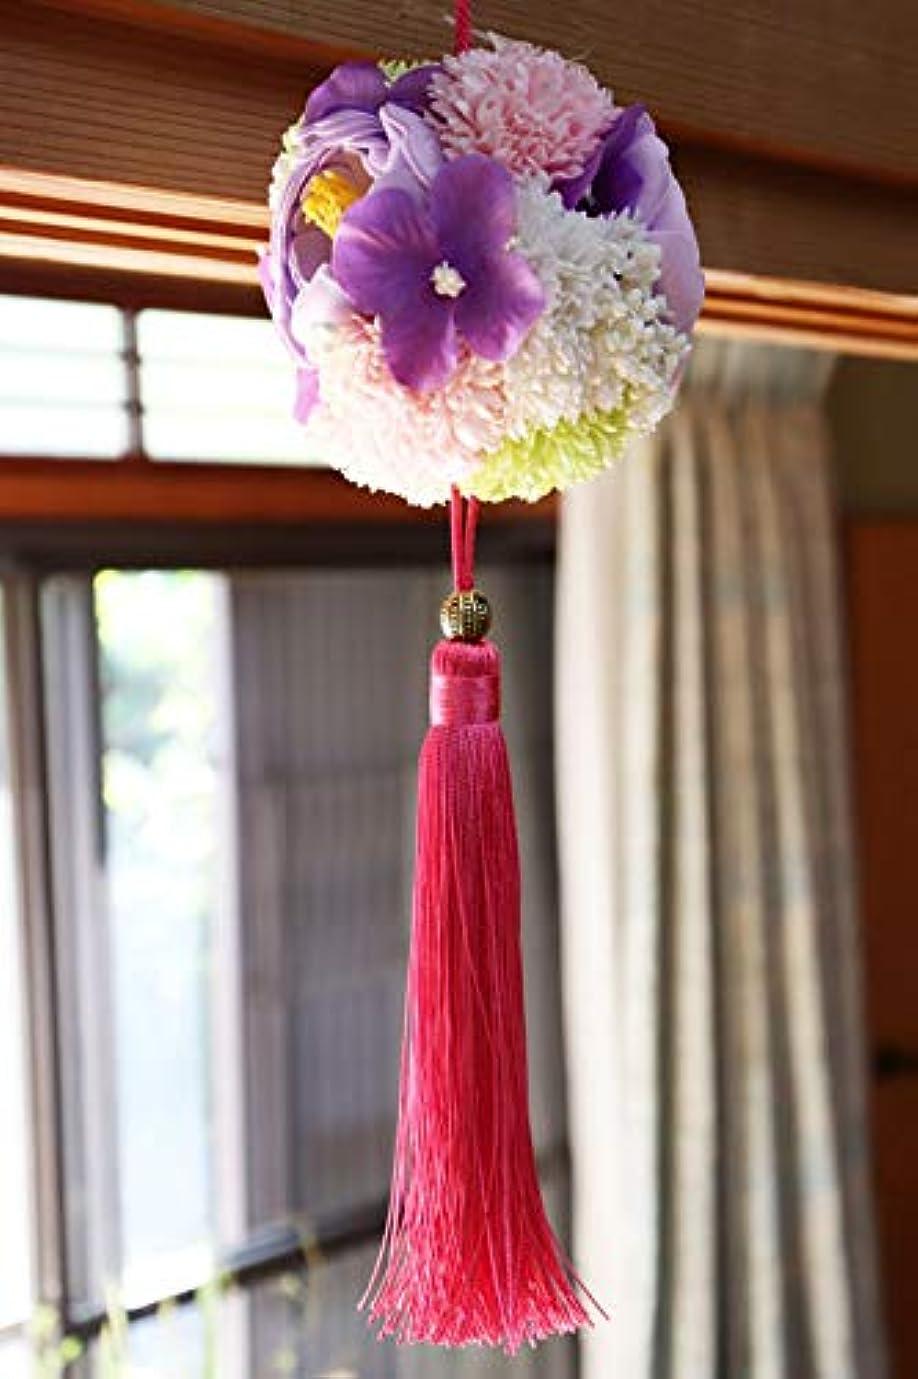 色または調和迎春 ソープ フラワーボール ピンク リースボール ボールブーケ ドアオーナメント お正月 リース 可愛い